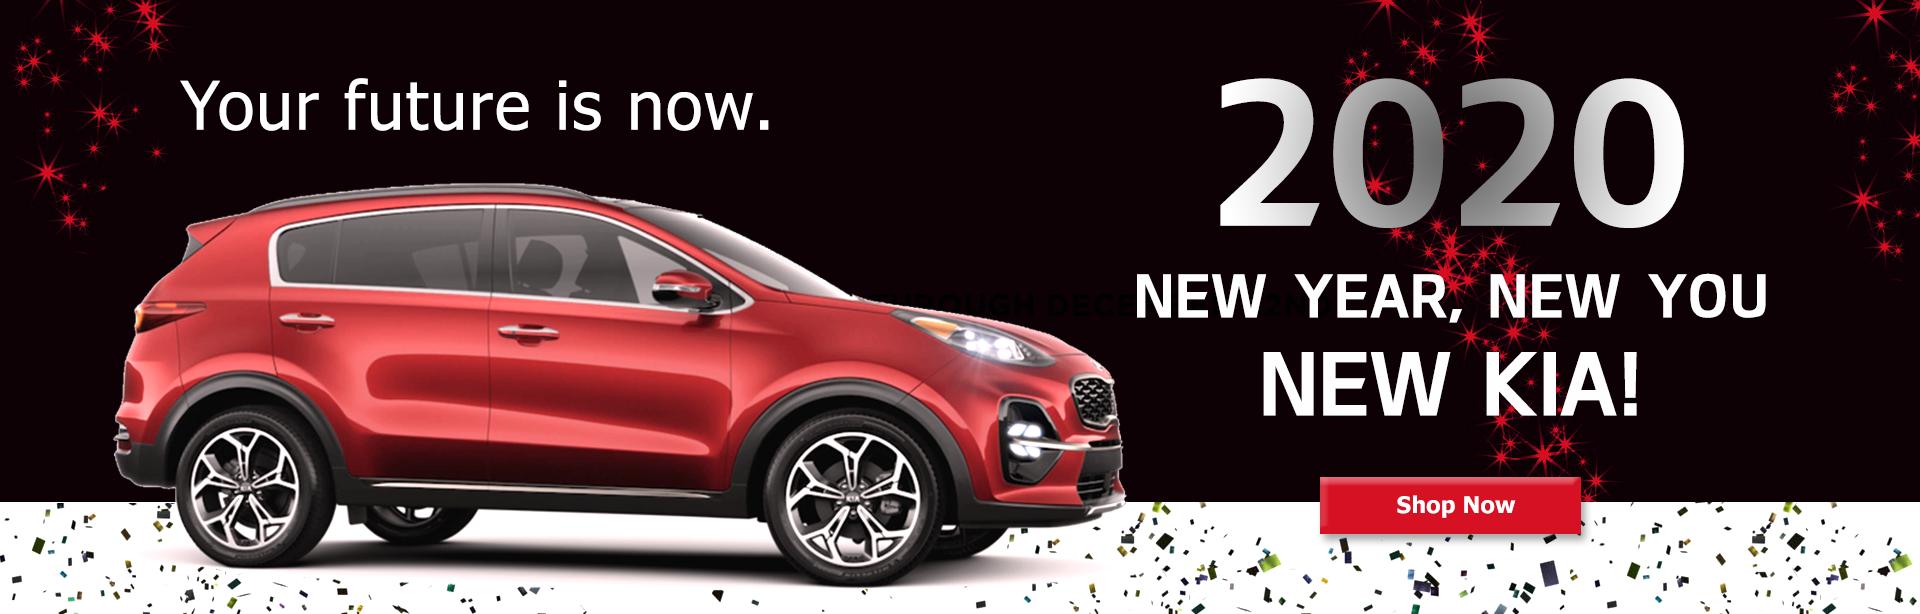 Kia Delray- New Year, New You, New Kia!